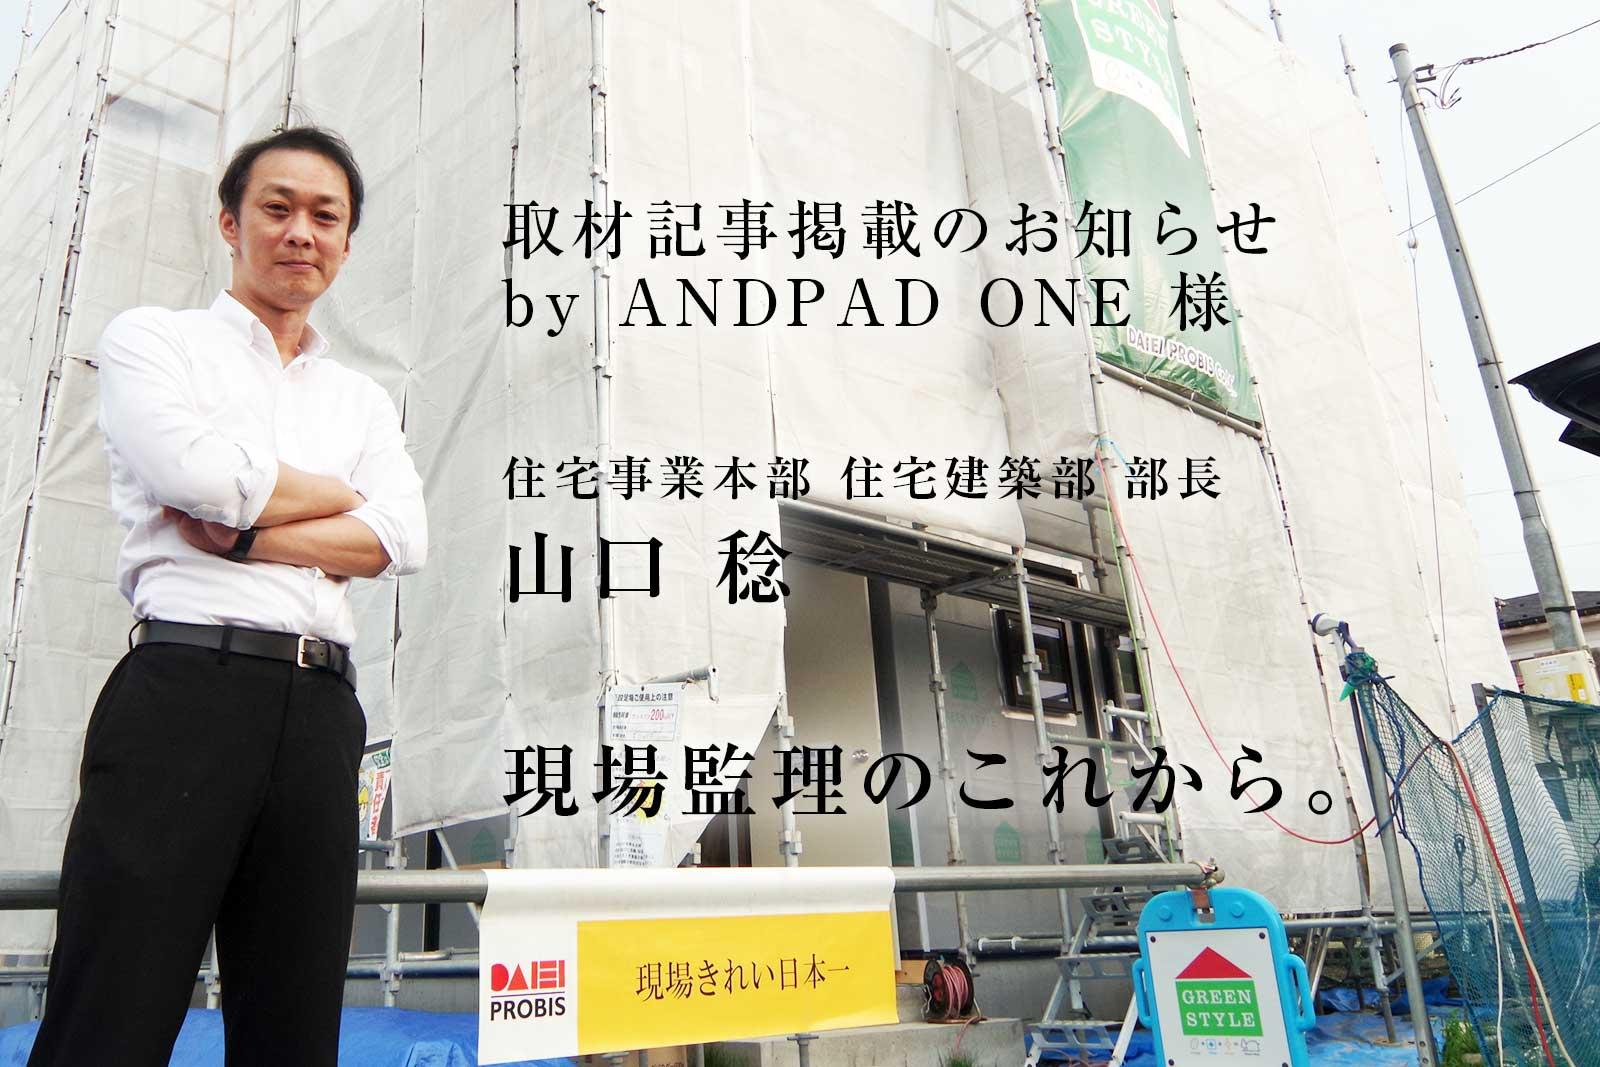 取材記事掲載のお知らせ